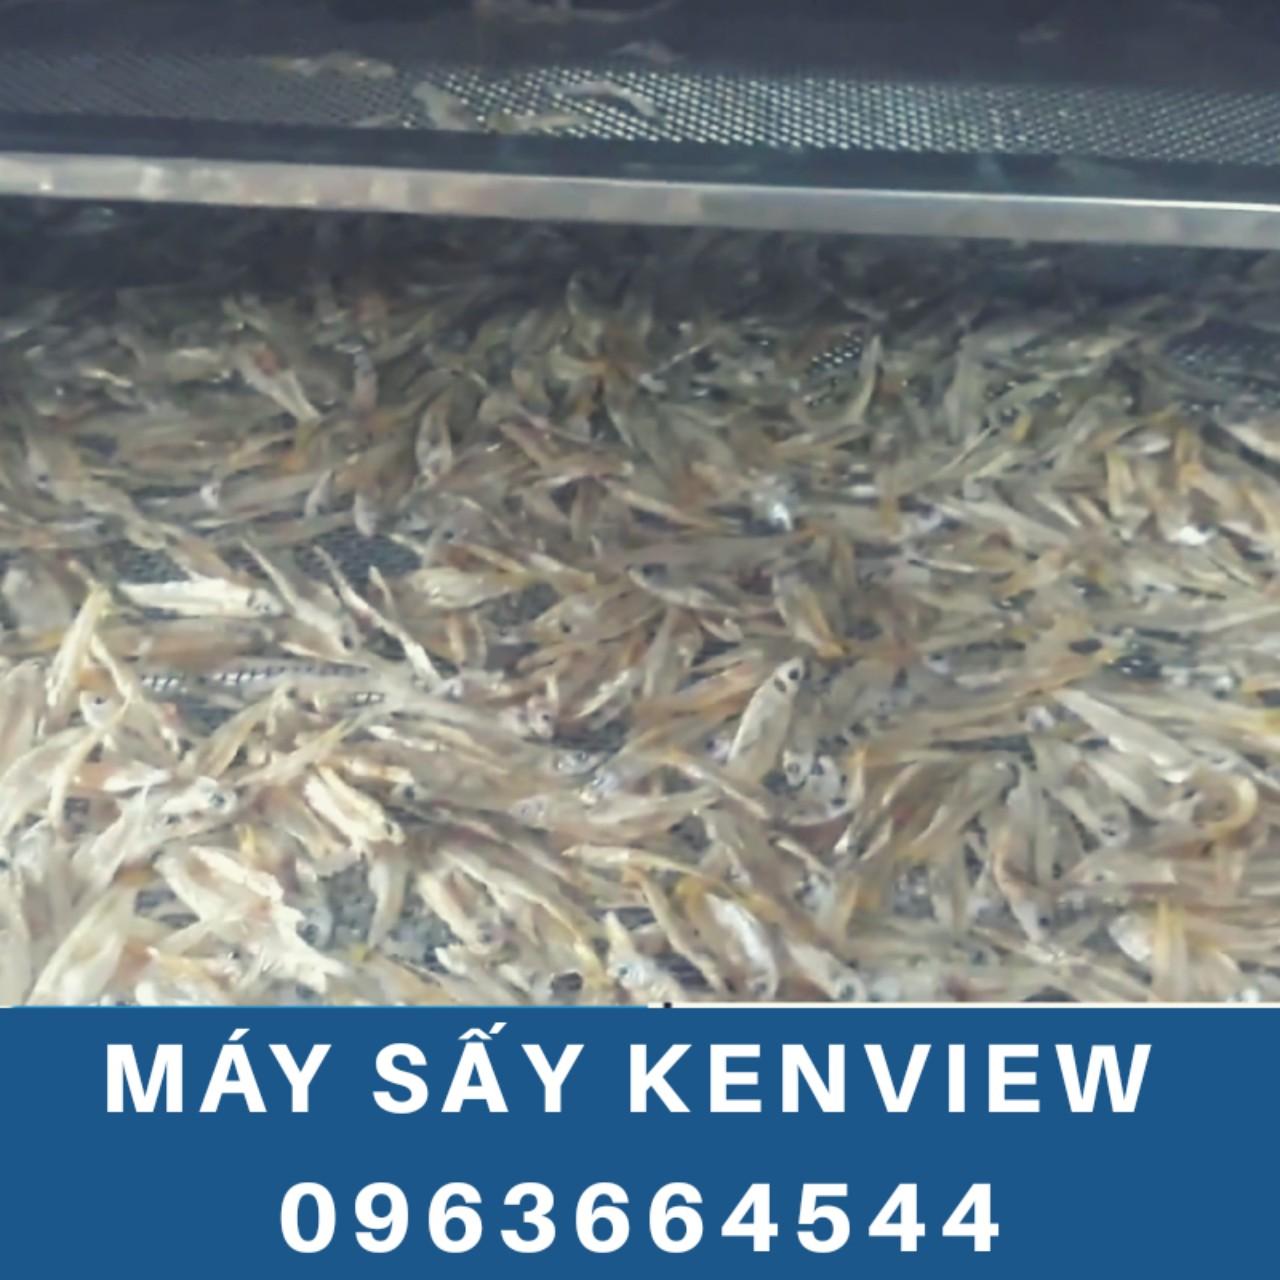 Kenview cung cấp máy sấy cá cơm ở Phan Rang - Máy sấy hải sản